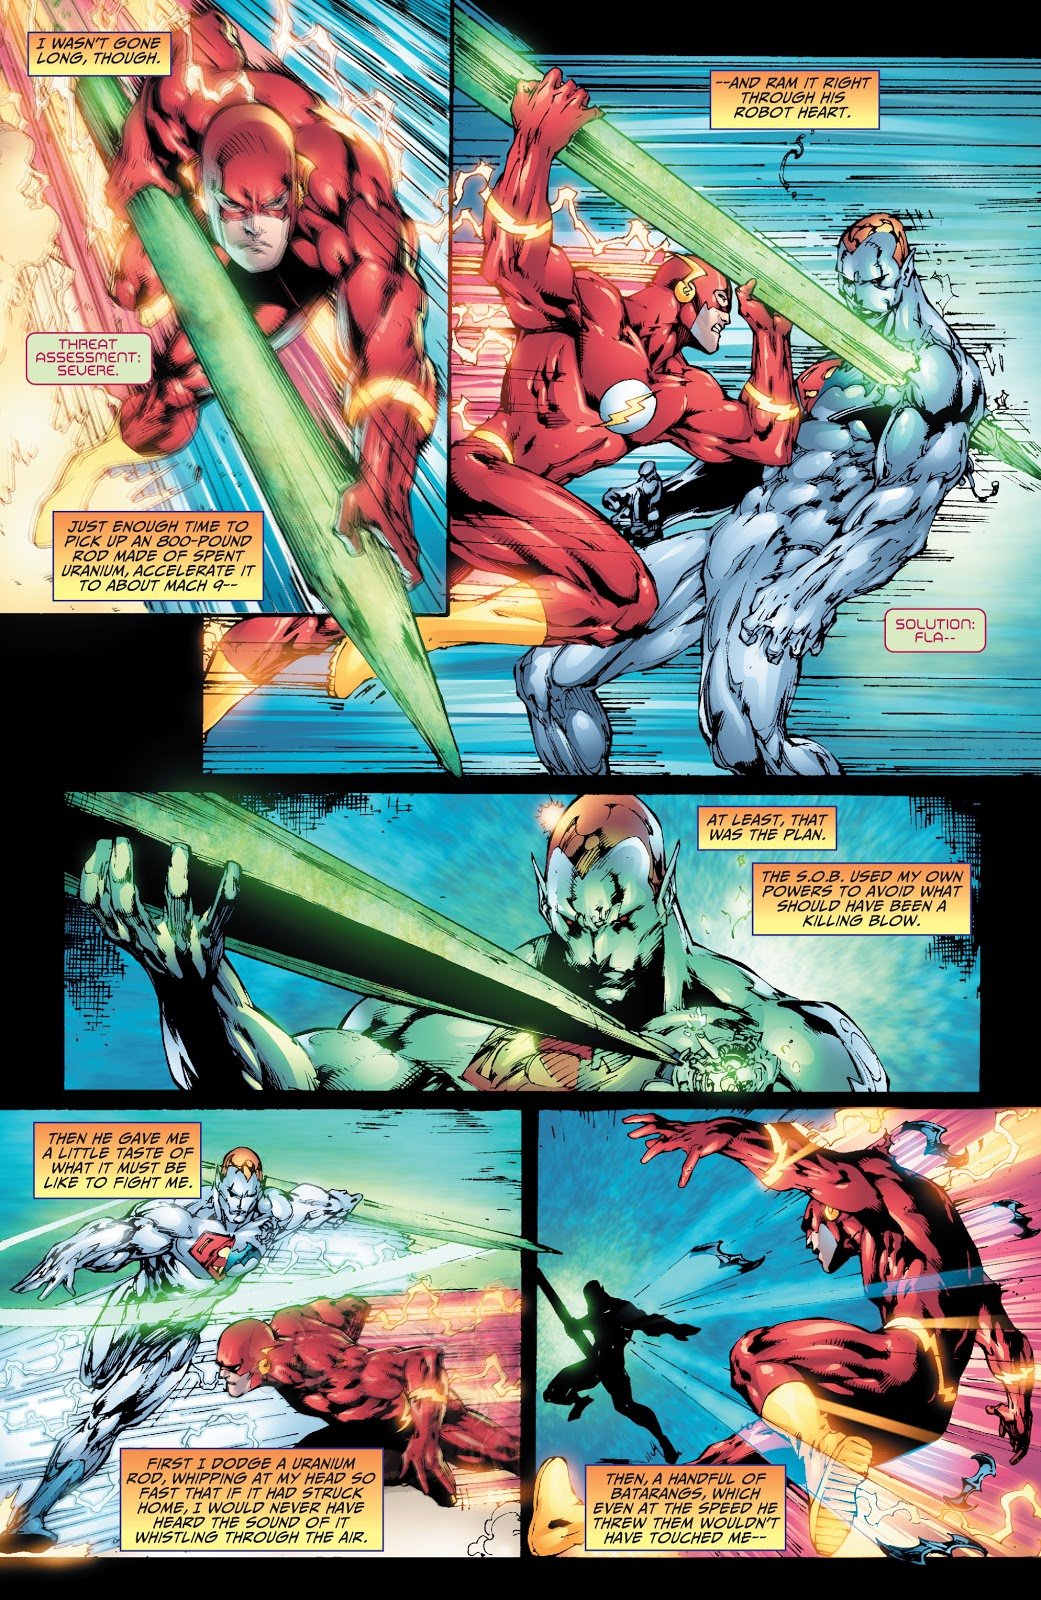 Superman And The Flash VS Amazo